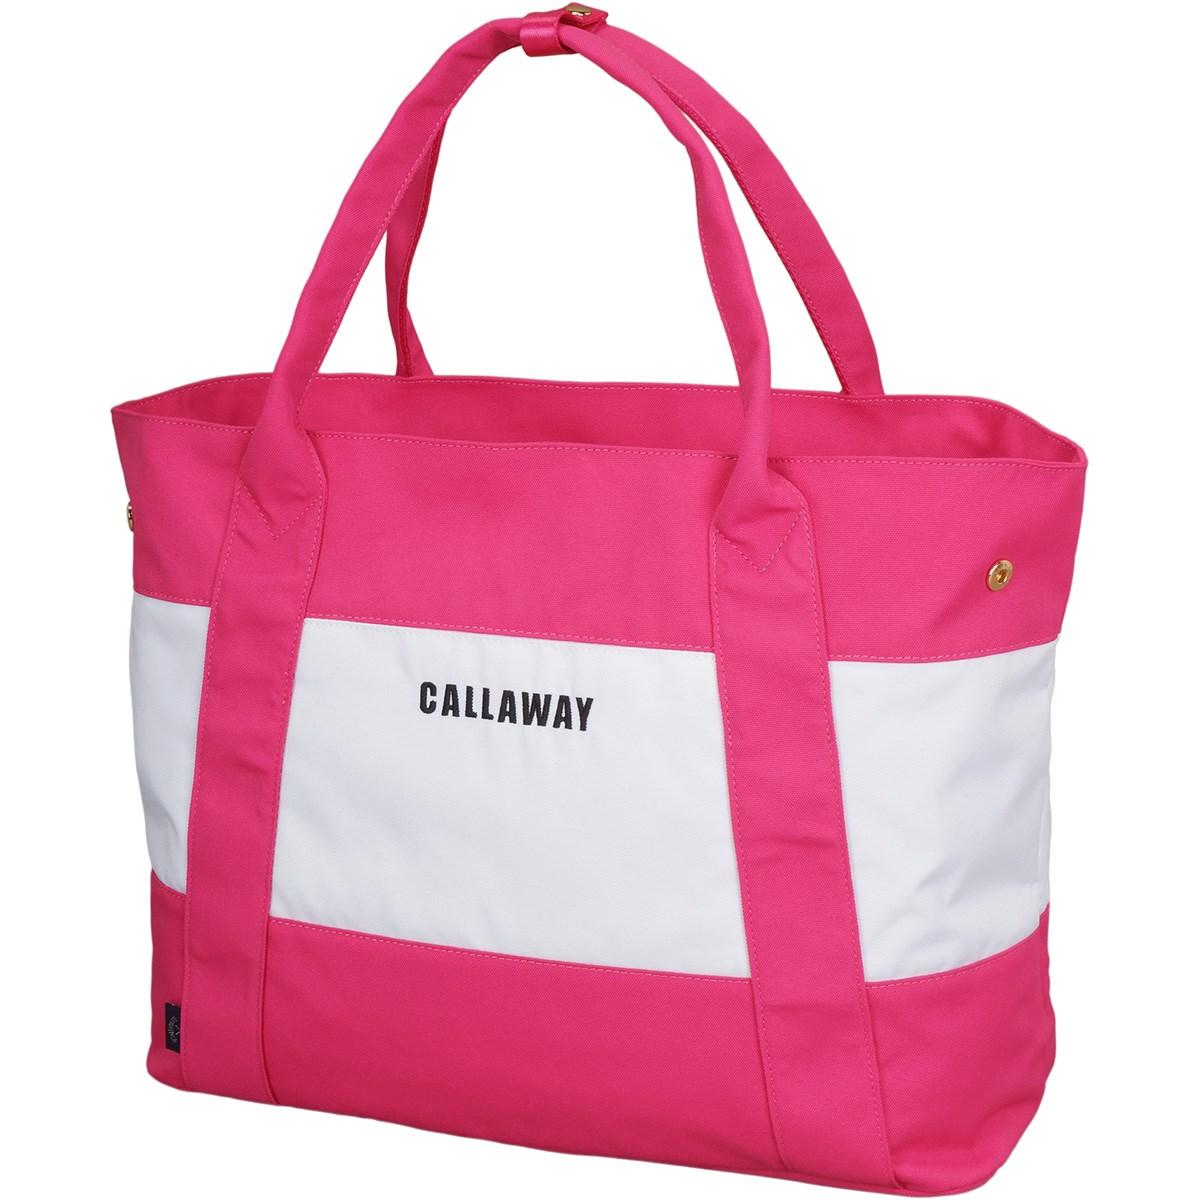 キャロウェイゴルフ Callaway Golf トートバッグ ピンク 090 レディス